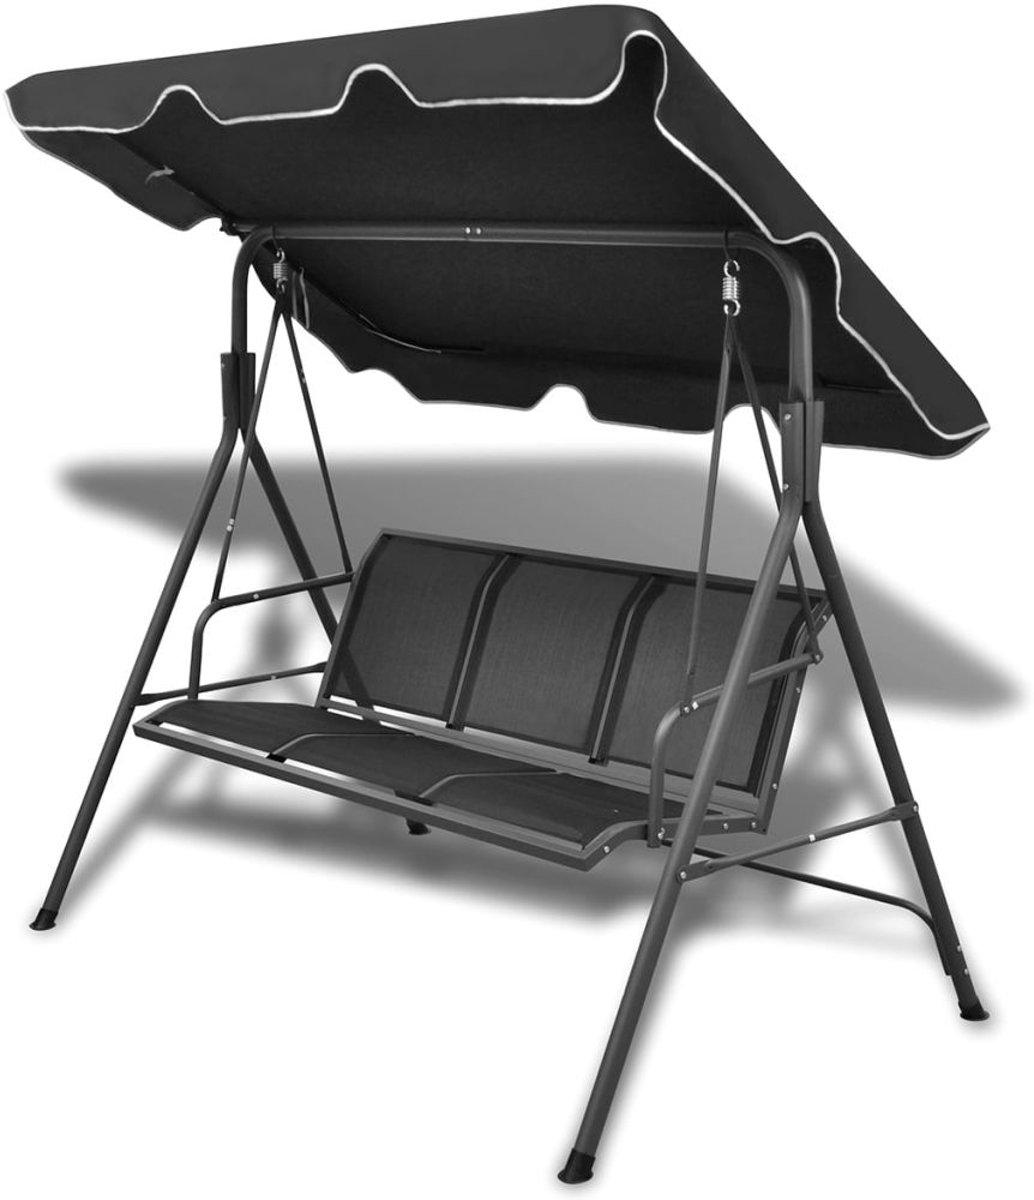 Schommelstoel voor in de tuin (zwart) kopen